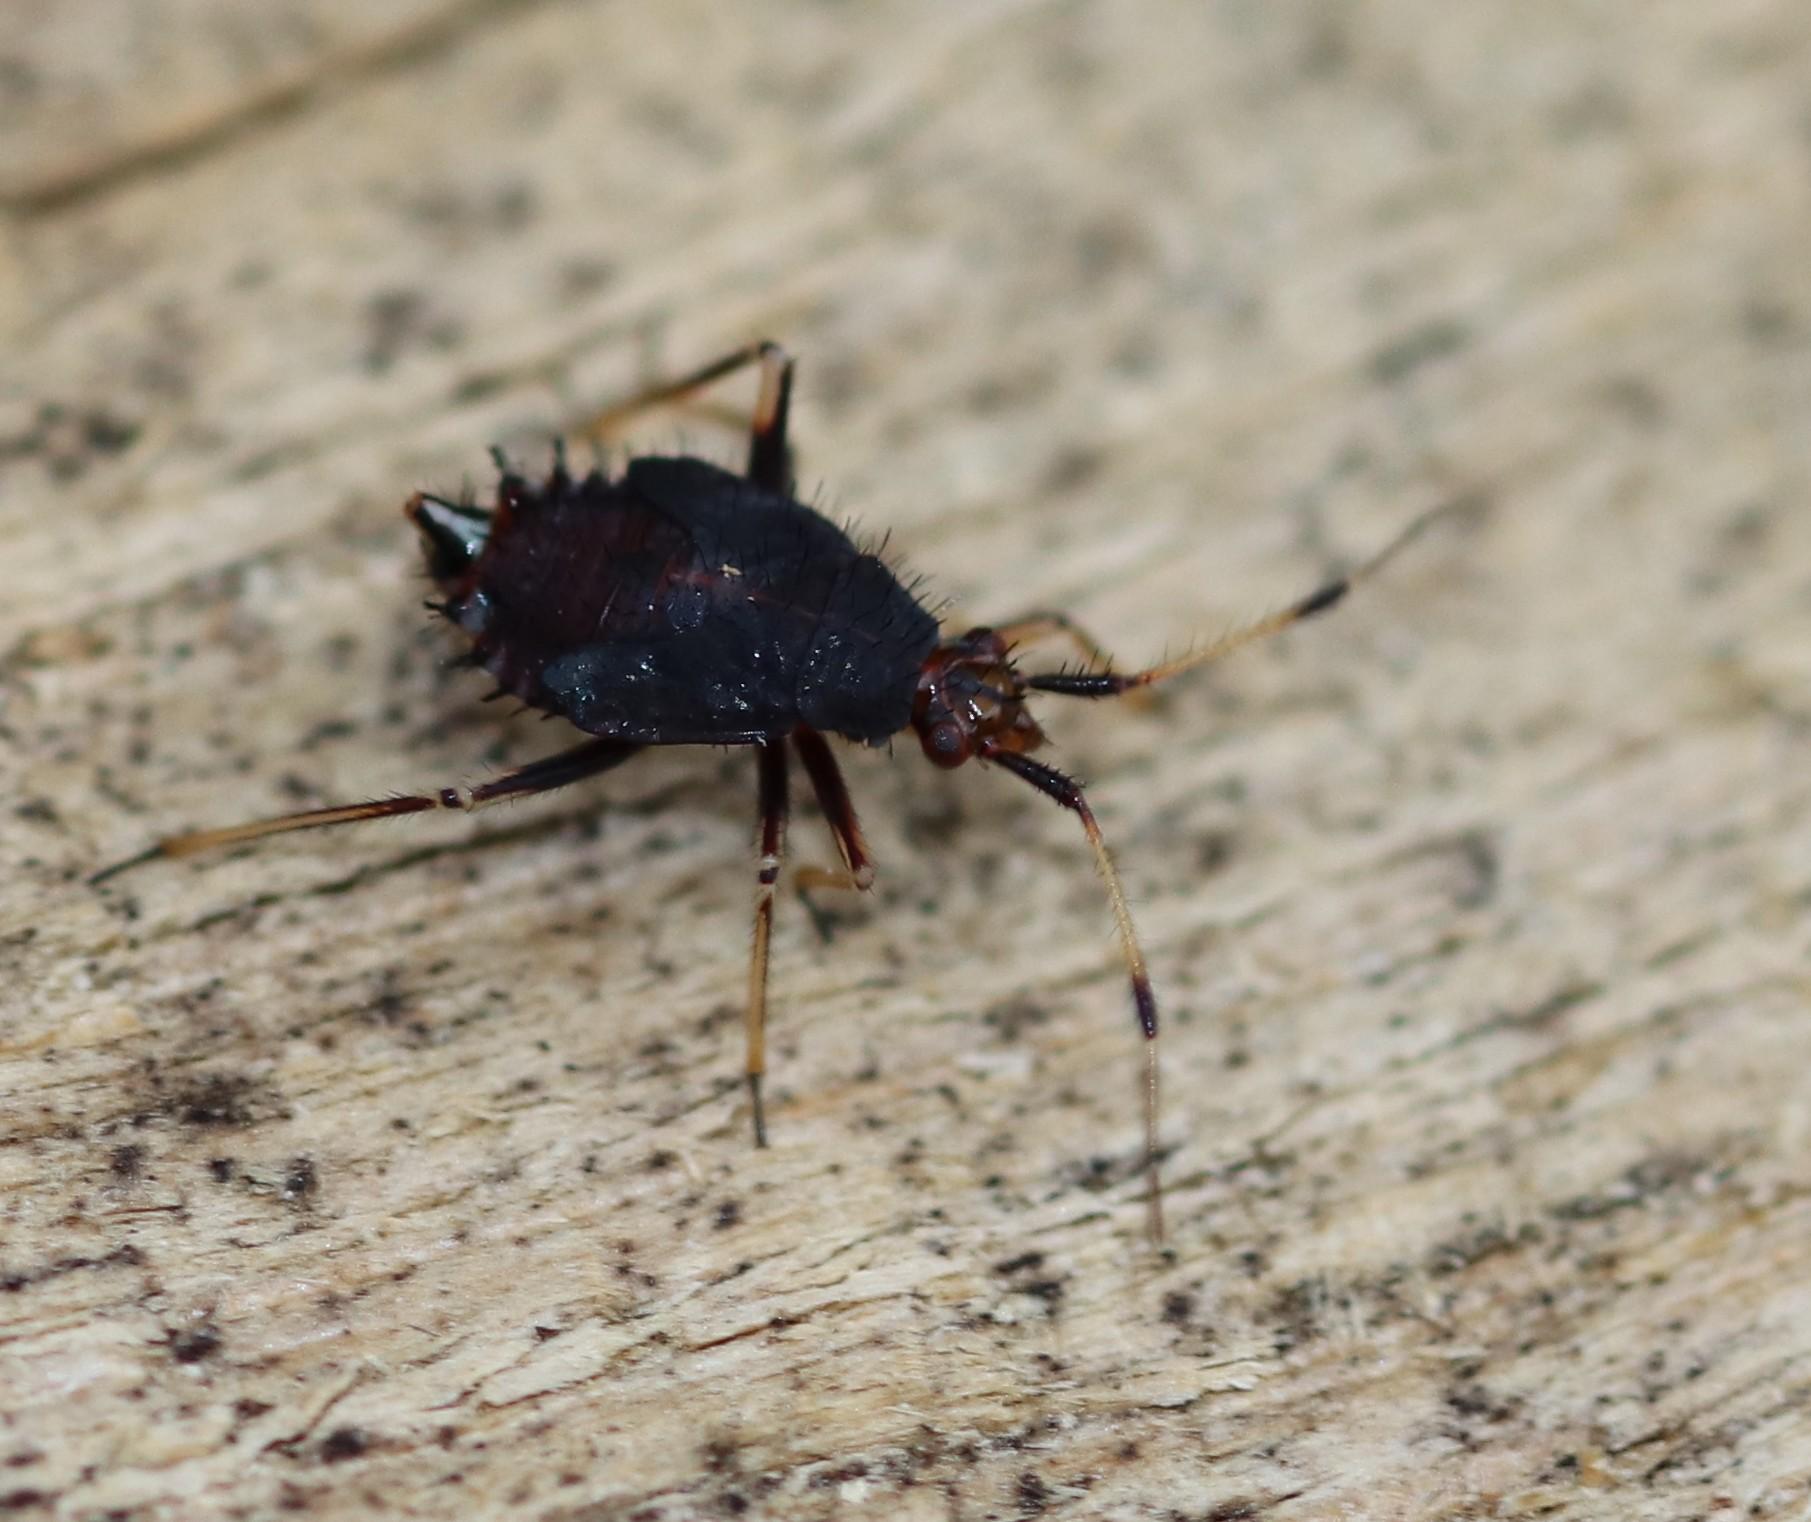 [Deraeocoris ruber_Juvénile] une larve ? Hymi_111